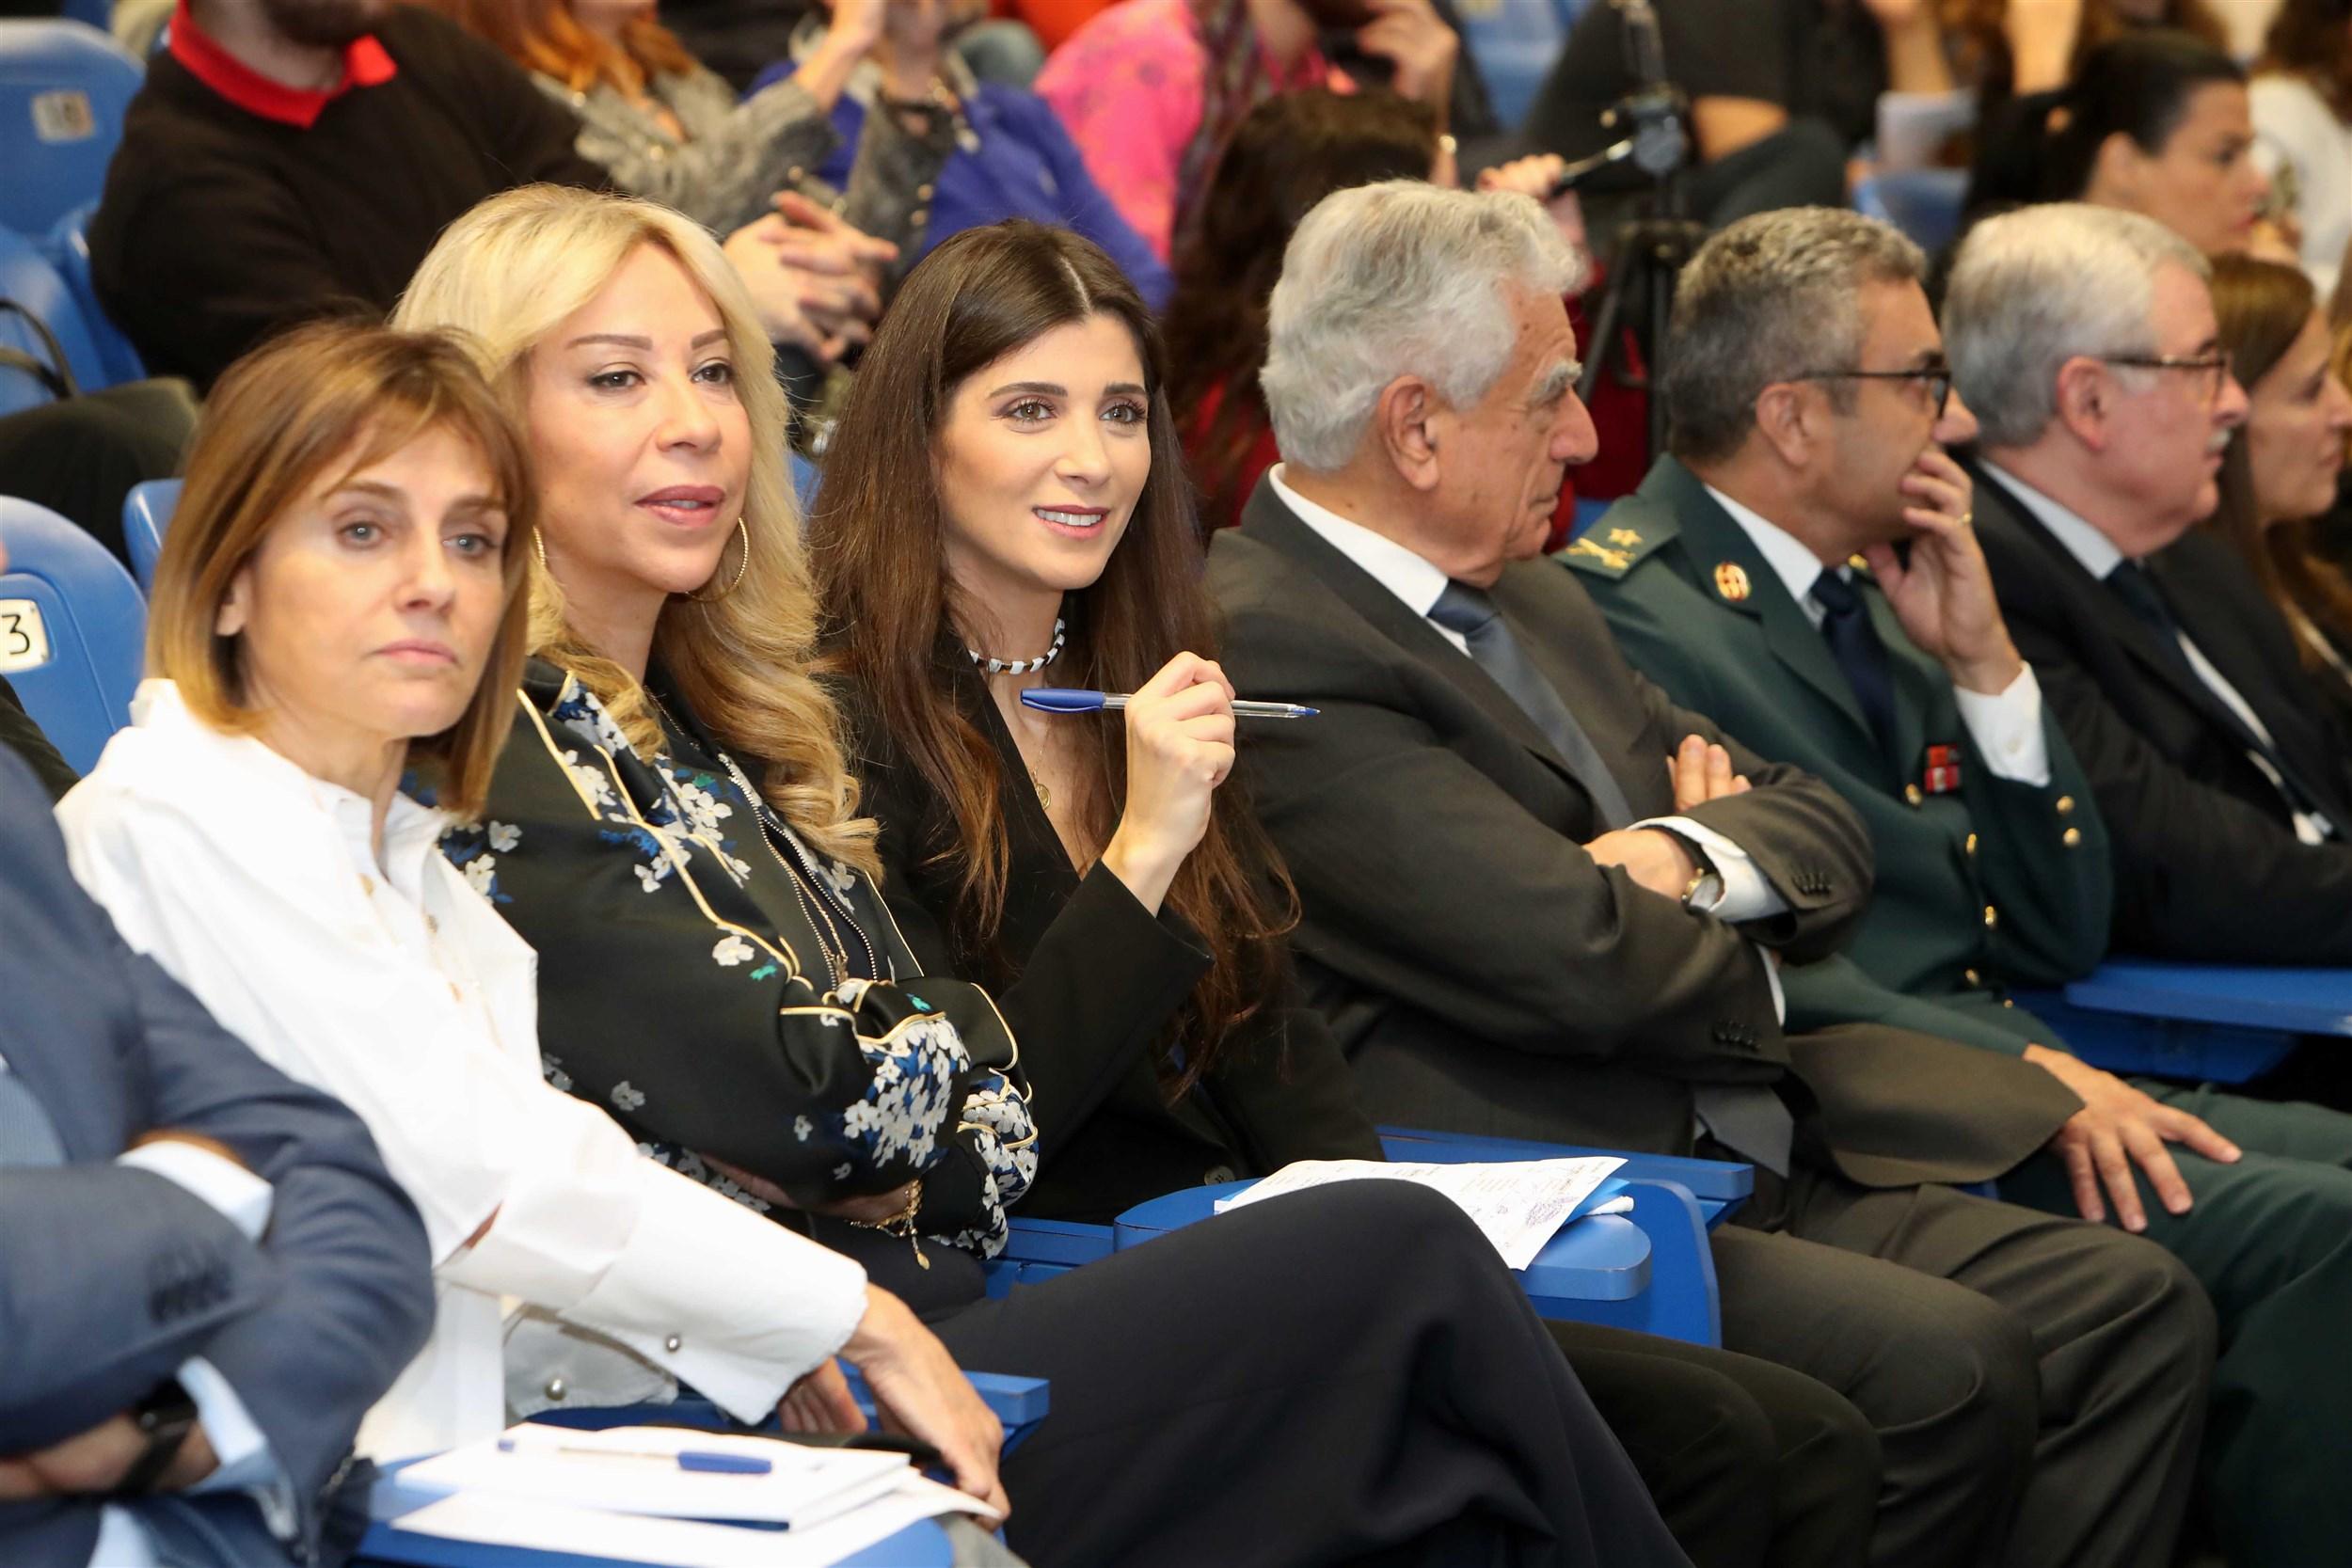 mrs. randa daher, mrs. nehmet joseph aoun, mrs. inas jarmakani, dr. joseph jabbra and general georges melhem representing laf commander general joseph aoun.